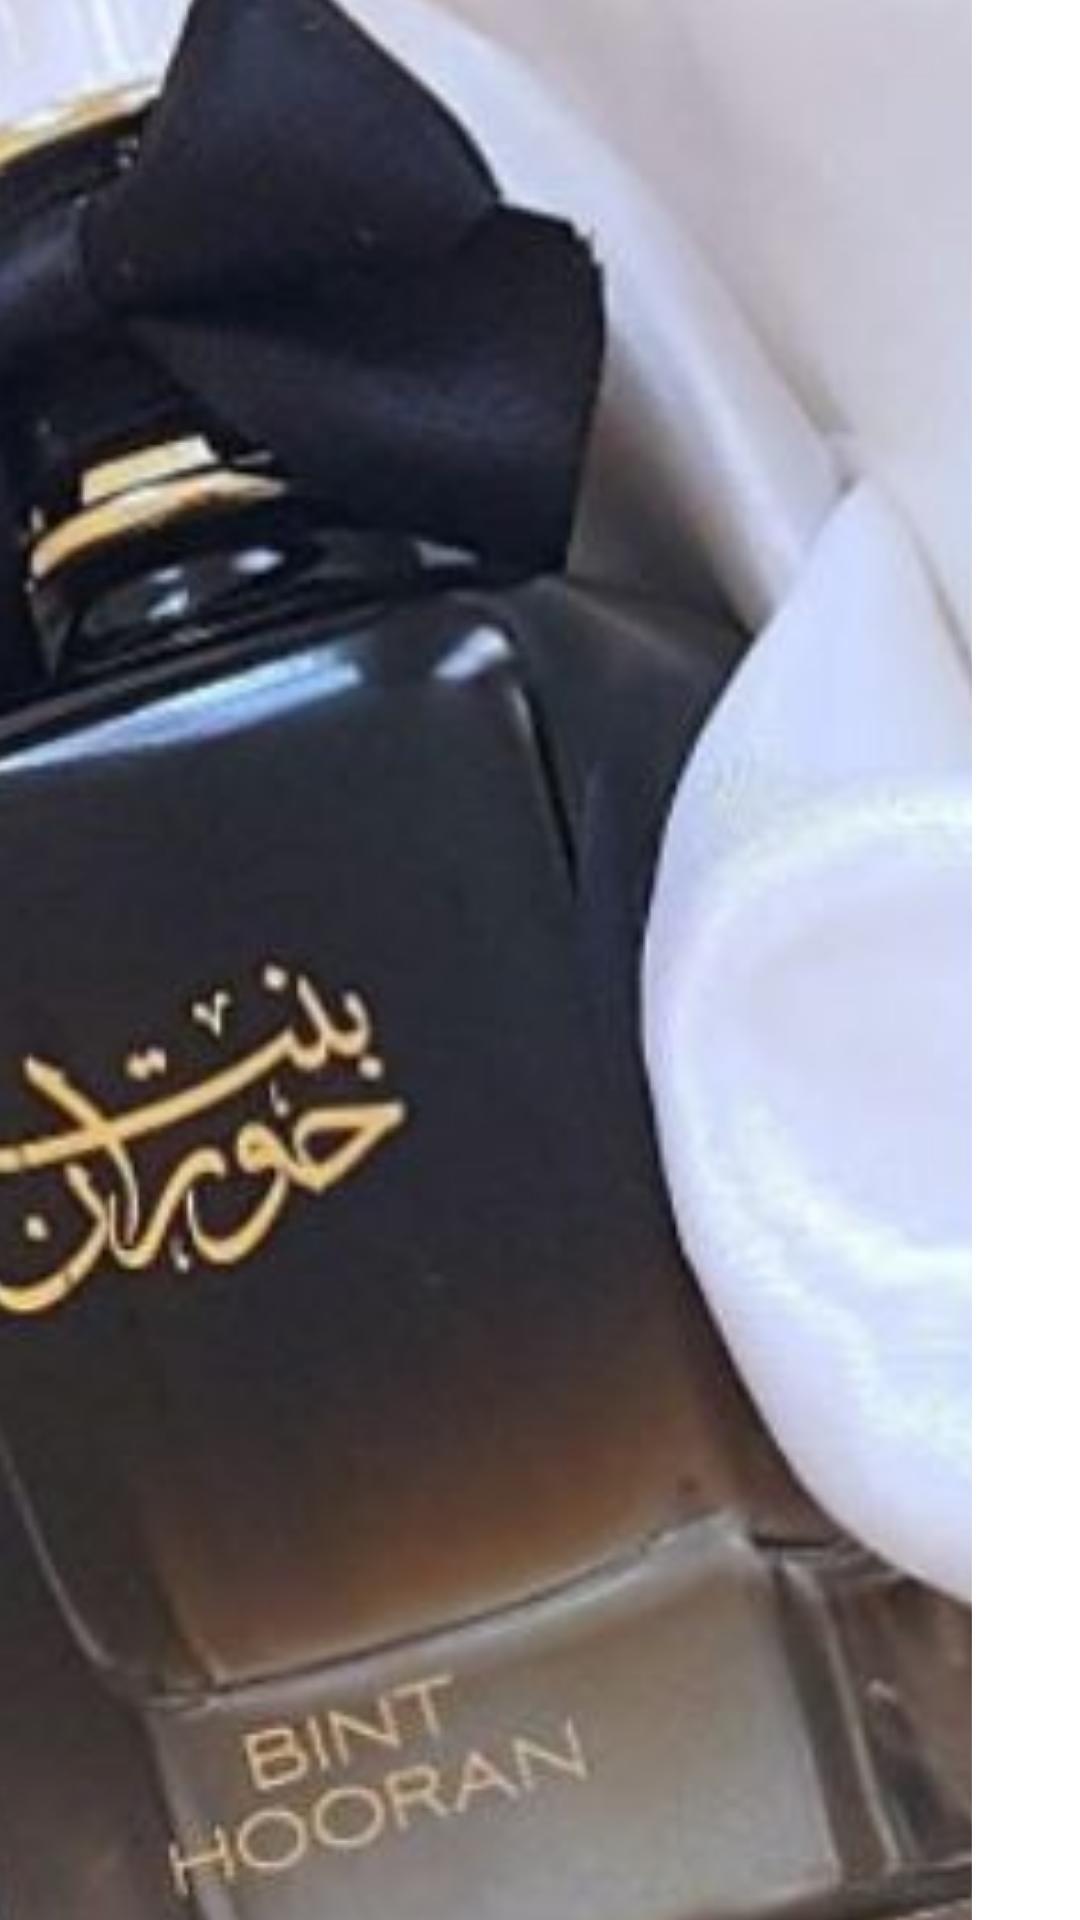 parfum hooran